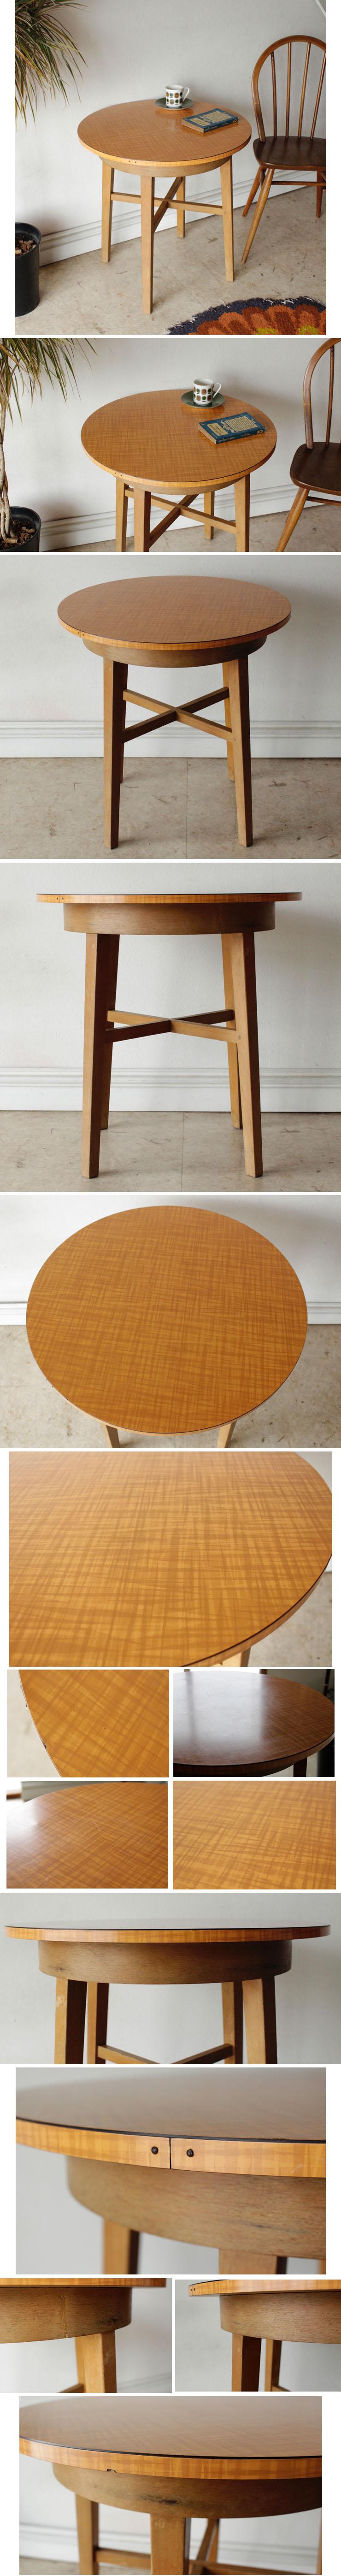 パブテーブル・カフェテーブル・コーヒーテーブル・ビンテージ・アンティーク・シャビー・什器・インテリア